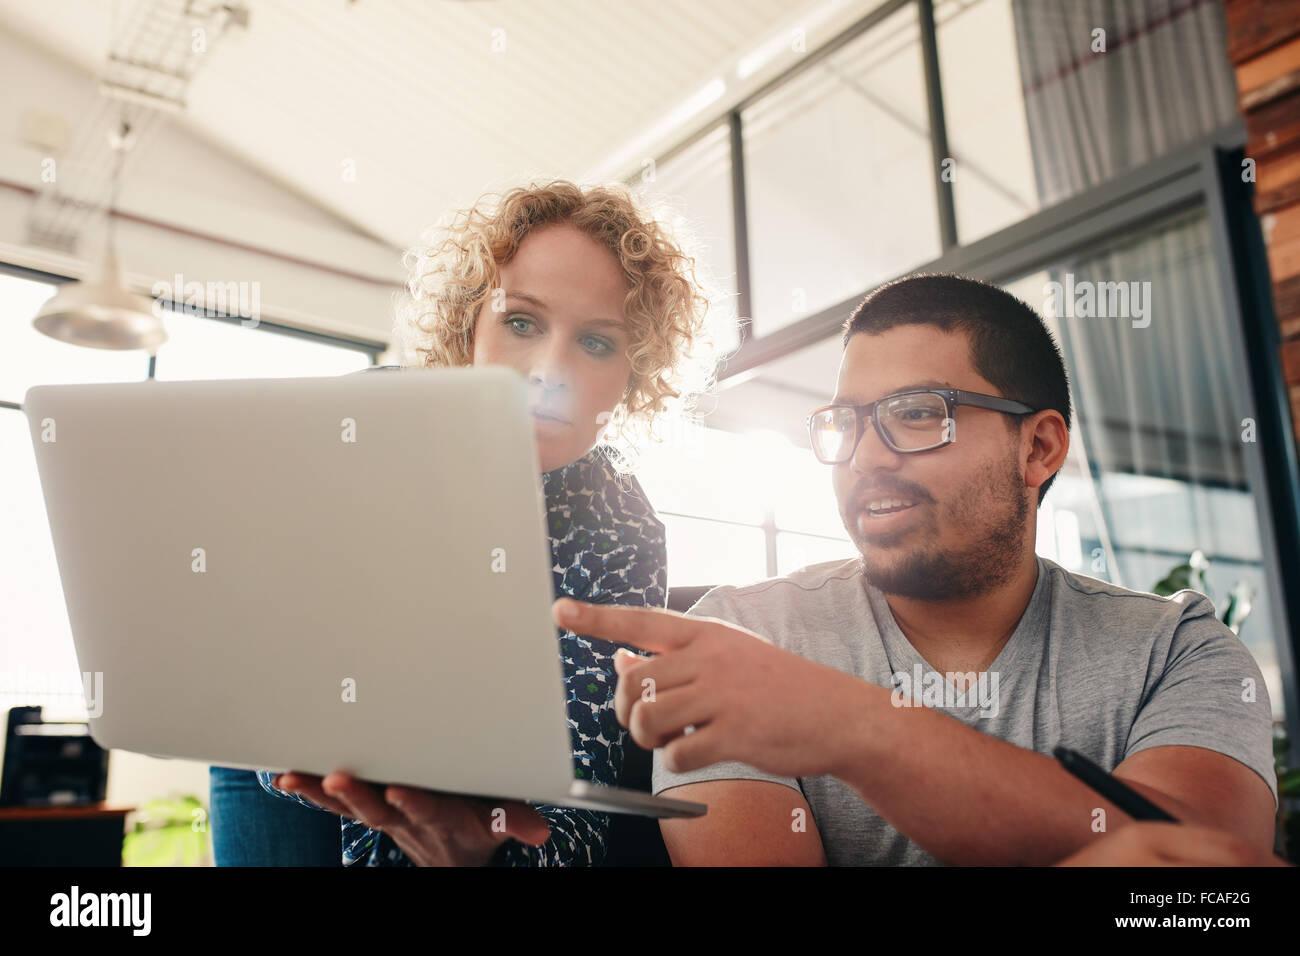 Deux jeunes graphistes travaillent dans leur propre bureau. Man pointing at laptop in women's hands. Photo Stock